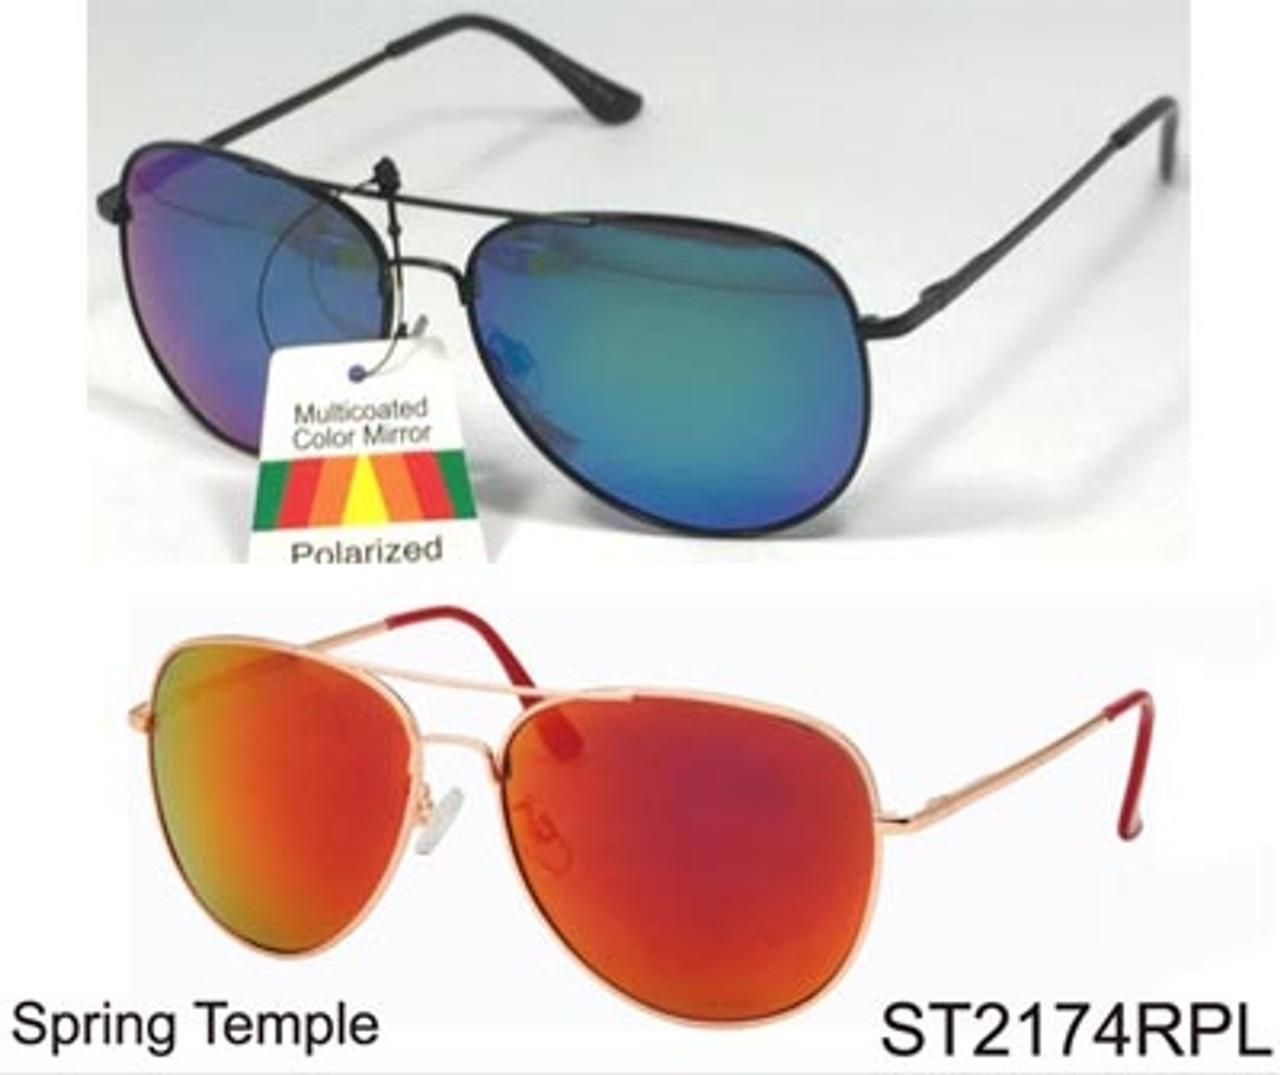 Sunglass Sport Nylon Strap Cord for Sunglasses